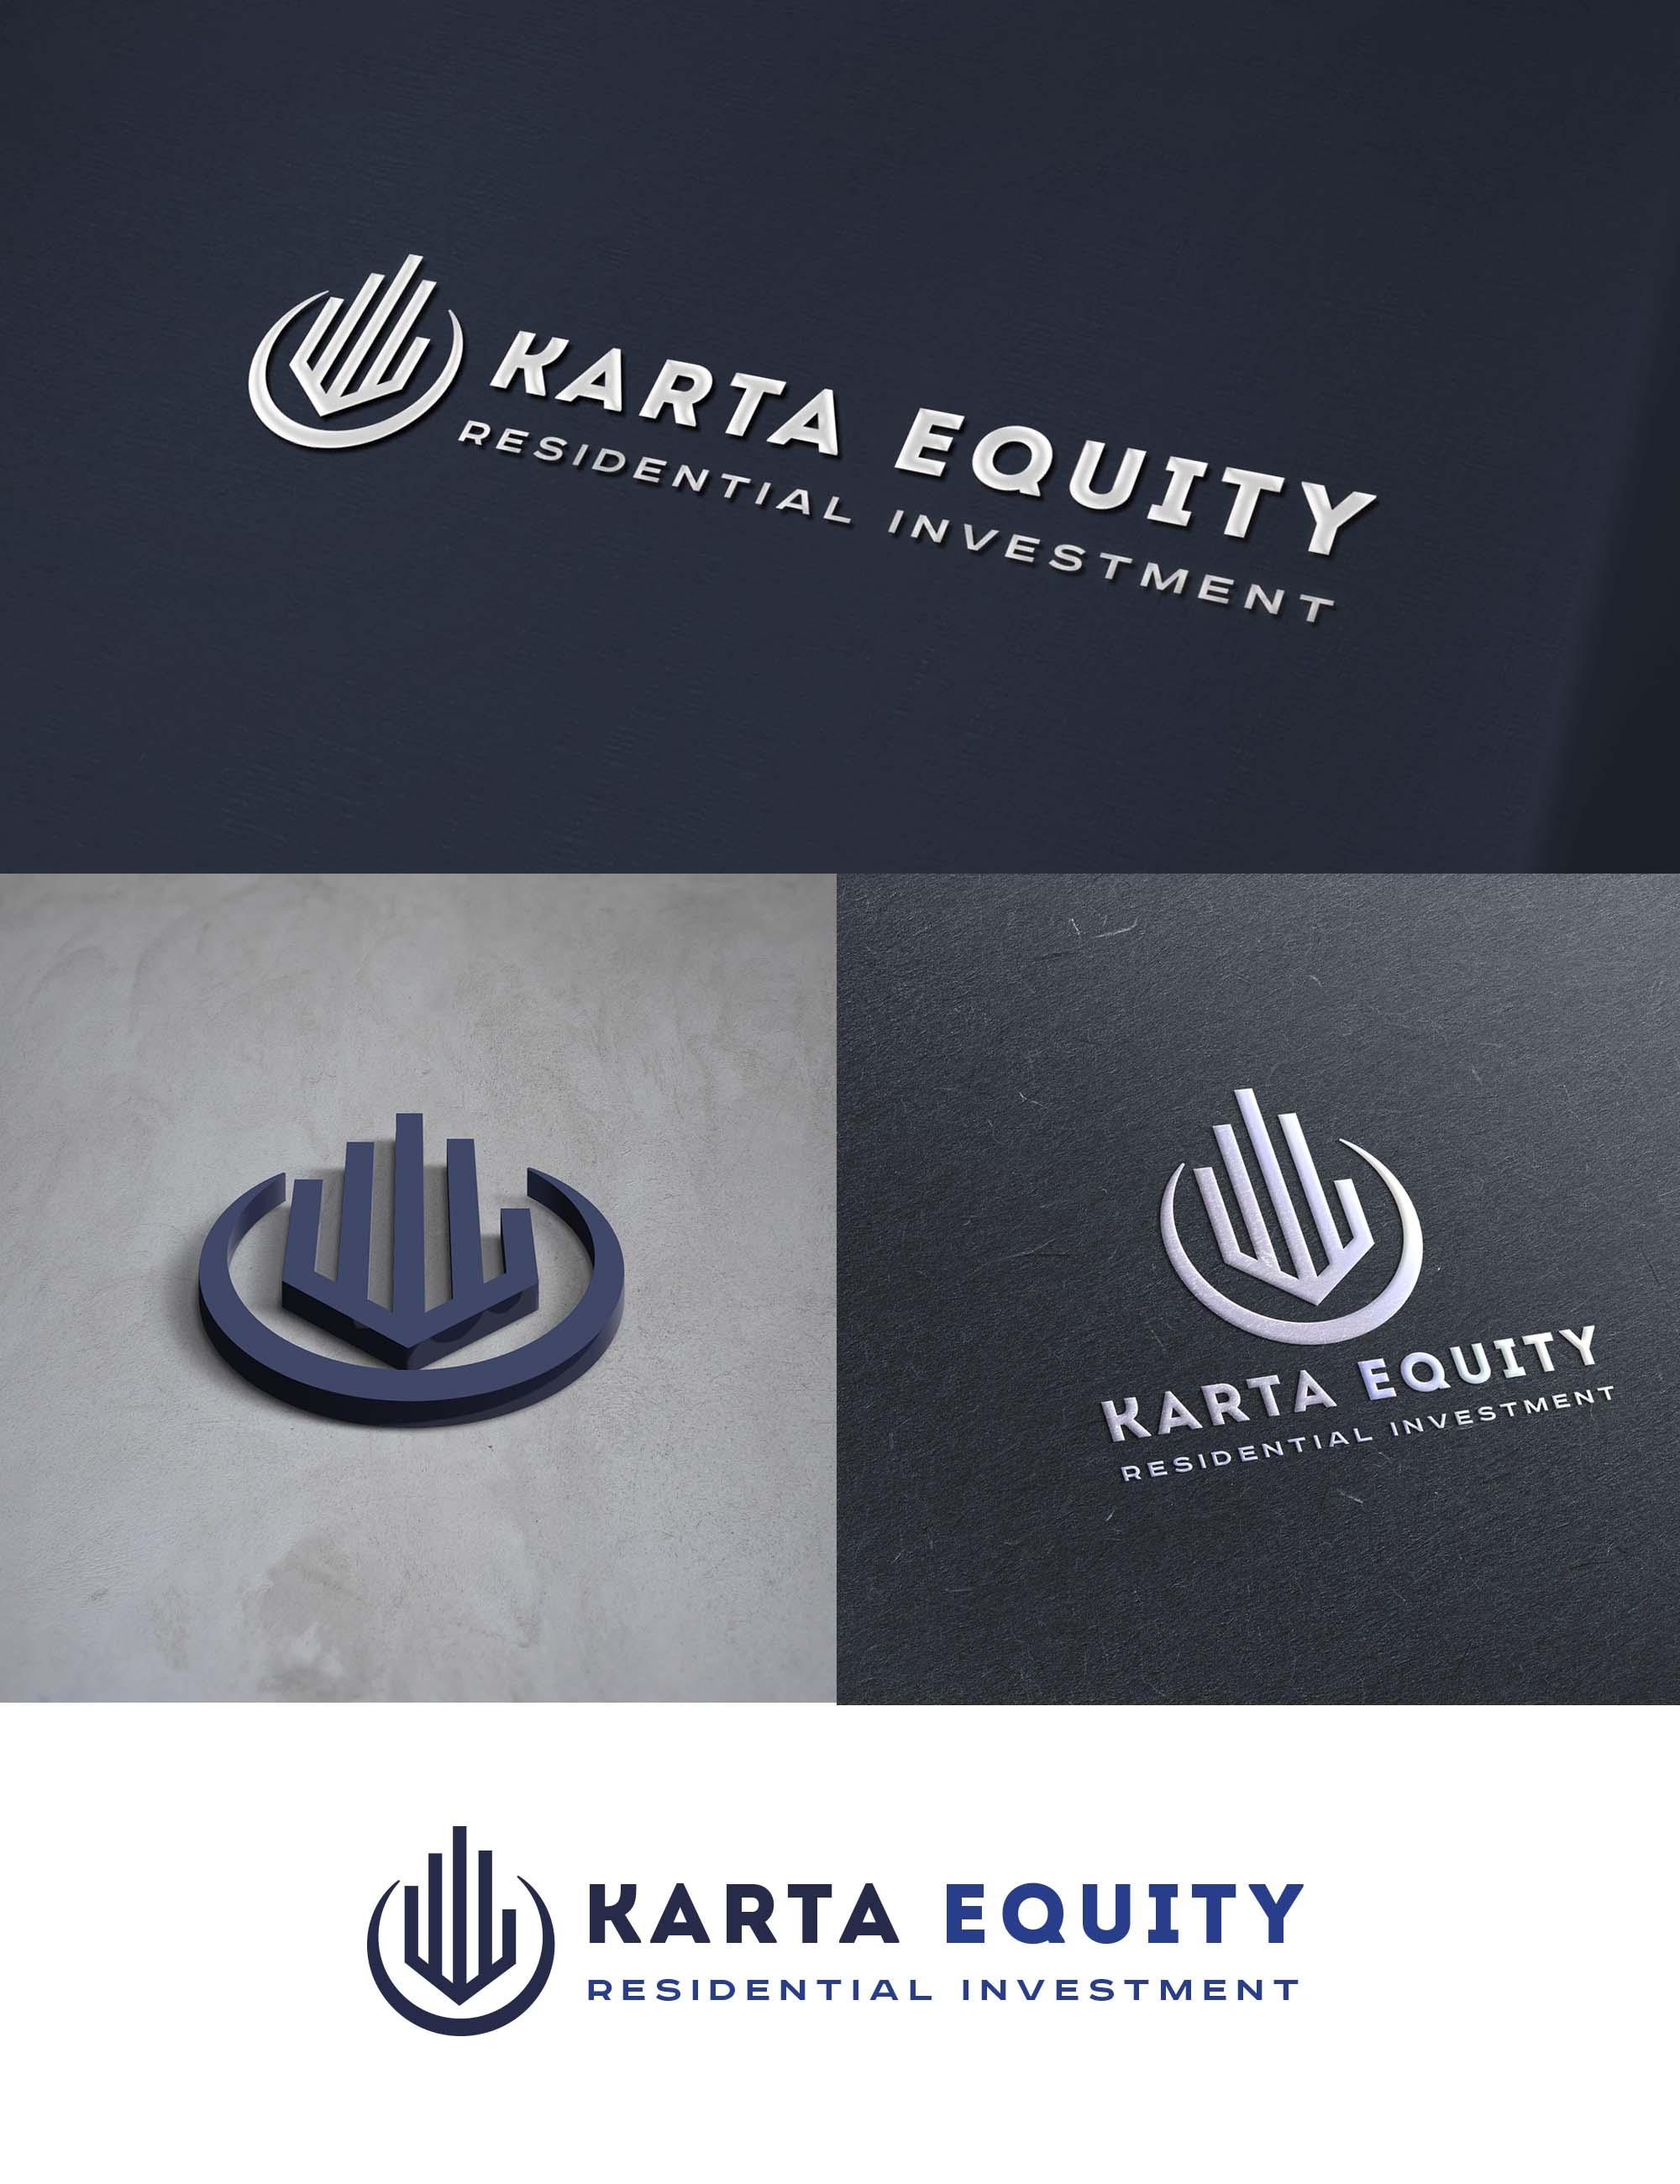 Логотип для компании инвестироваюшей в жилую недвижимость фото f_3085e1a0003926cc.jpg